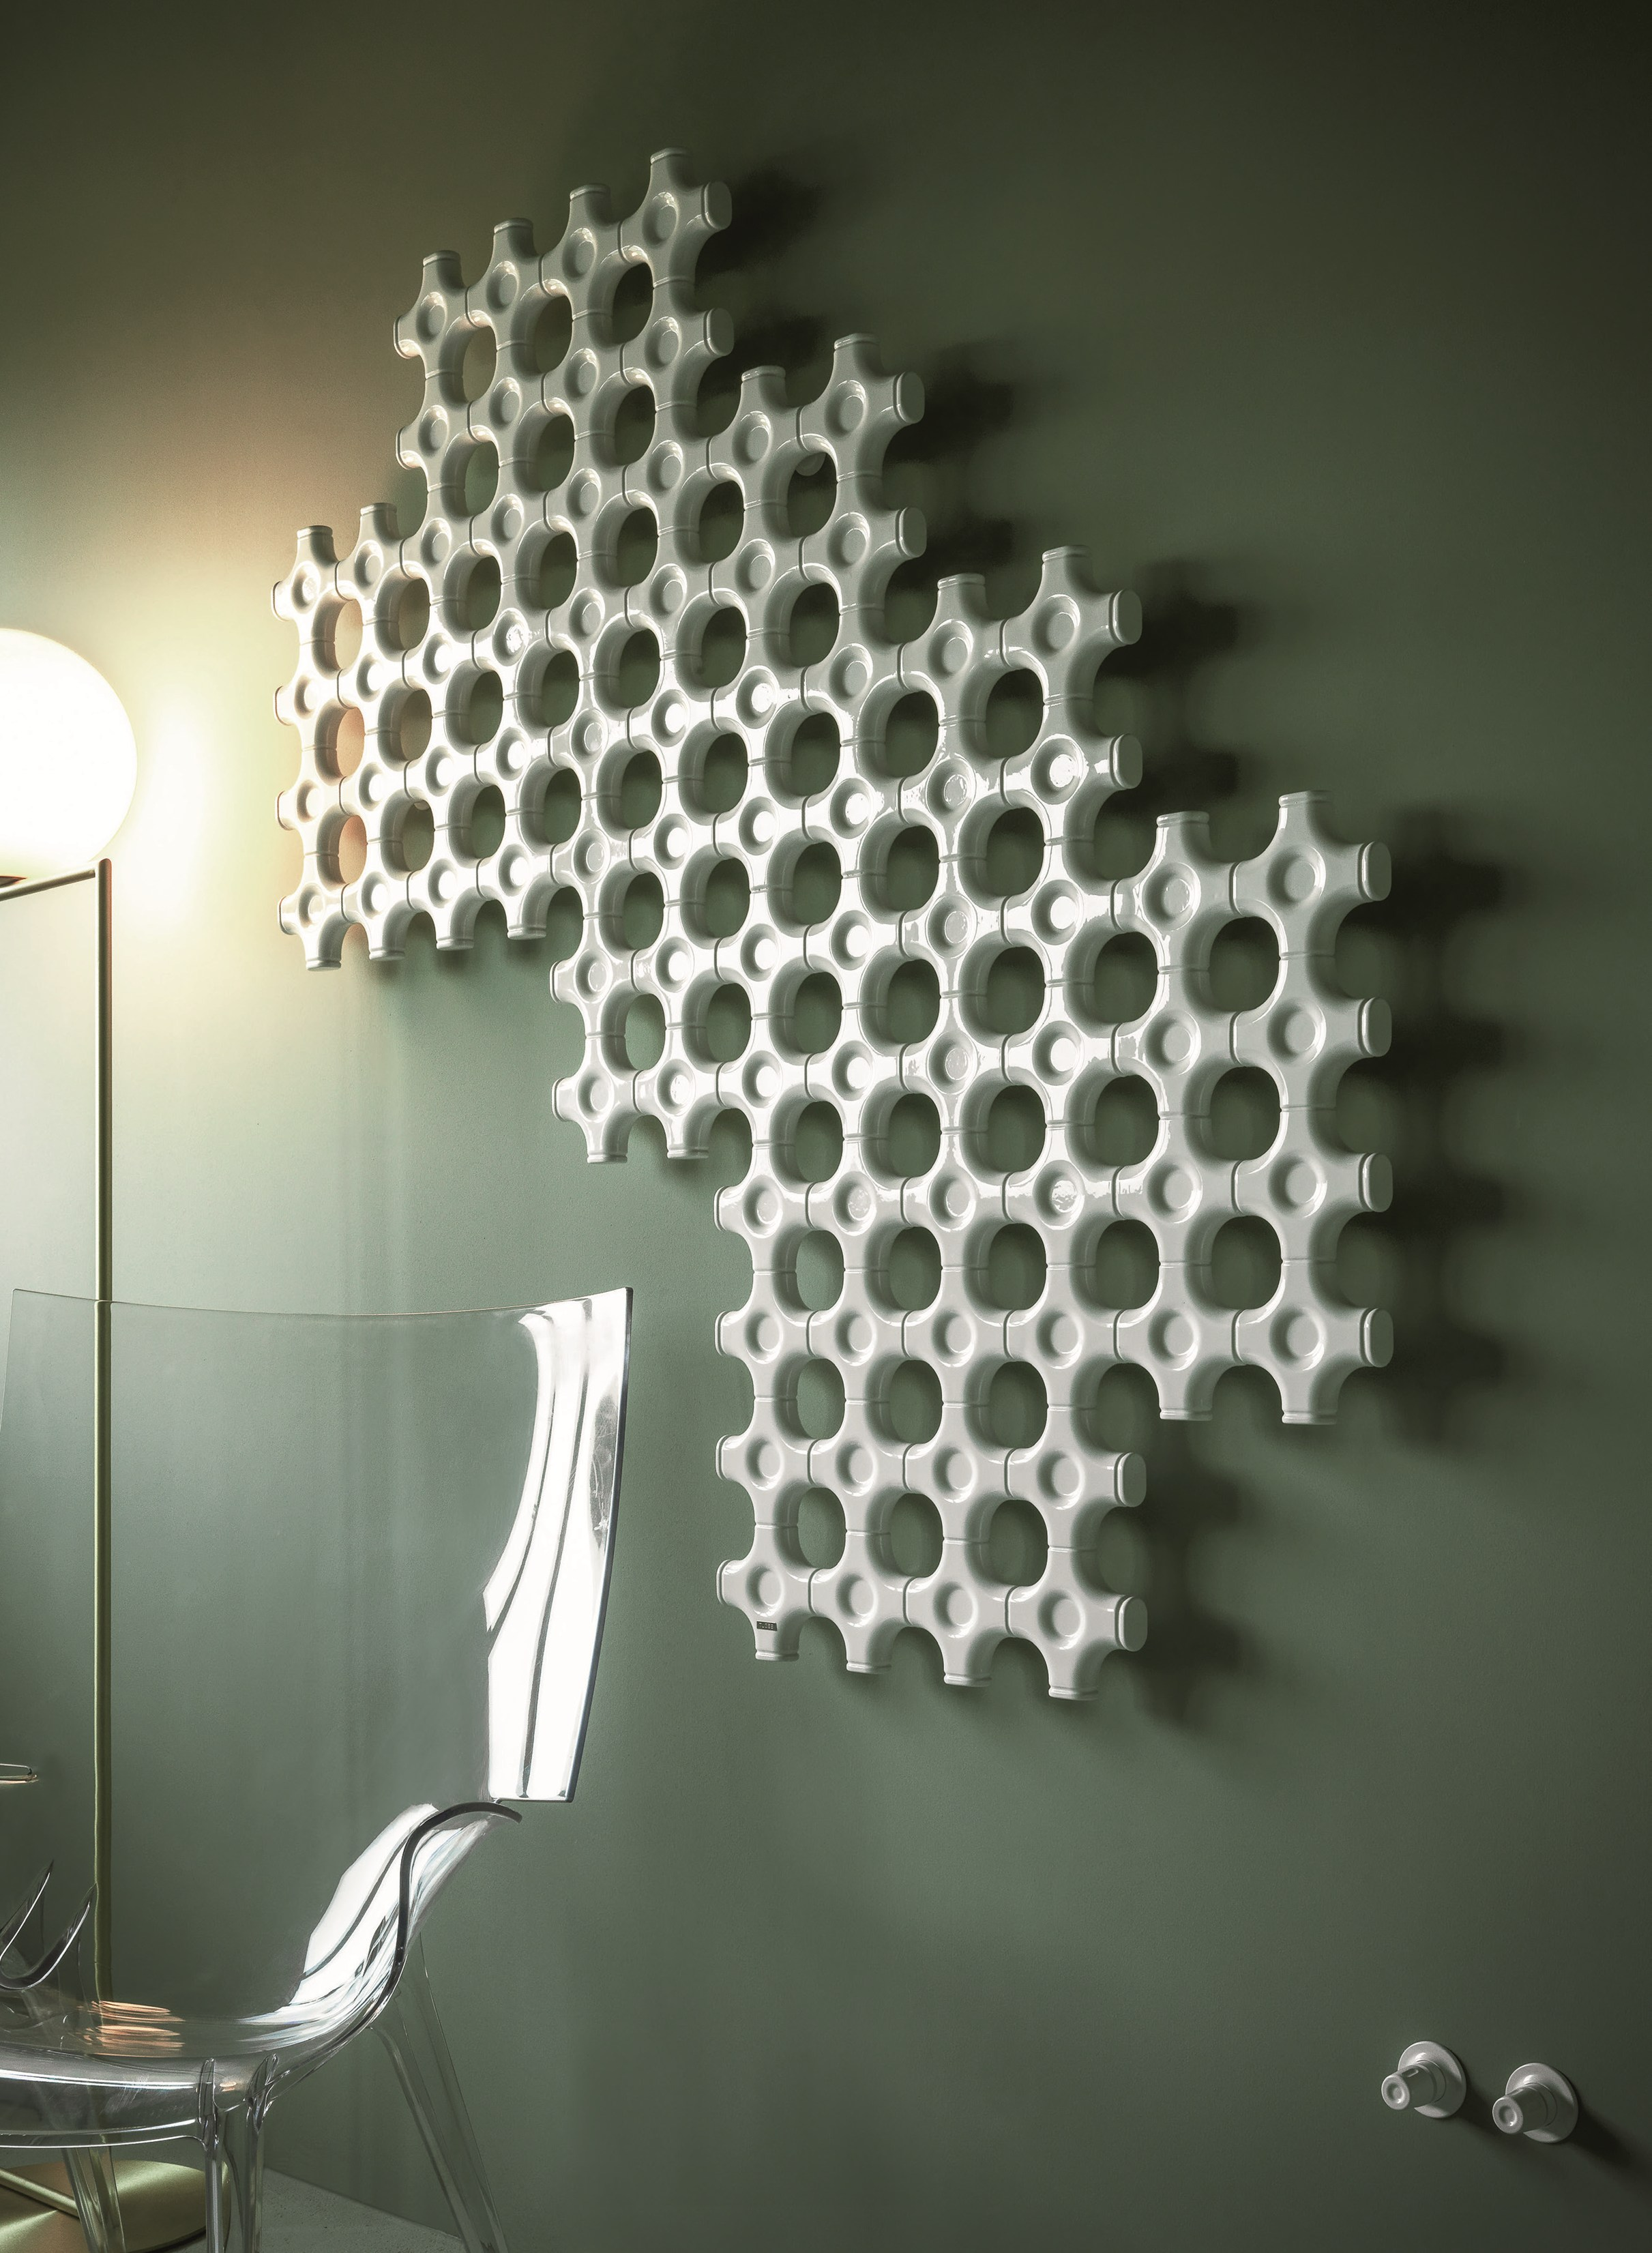 Add on radiador decorativo by tubes radiatori diseño satyendra pakhalé